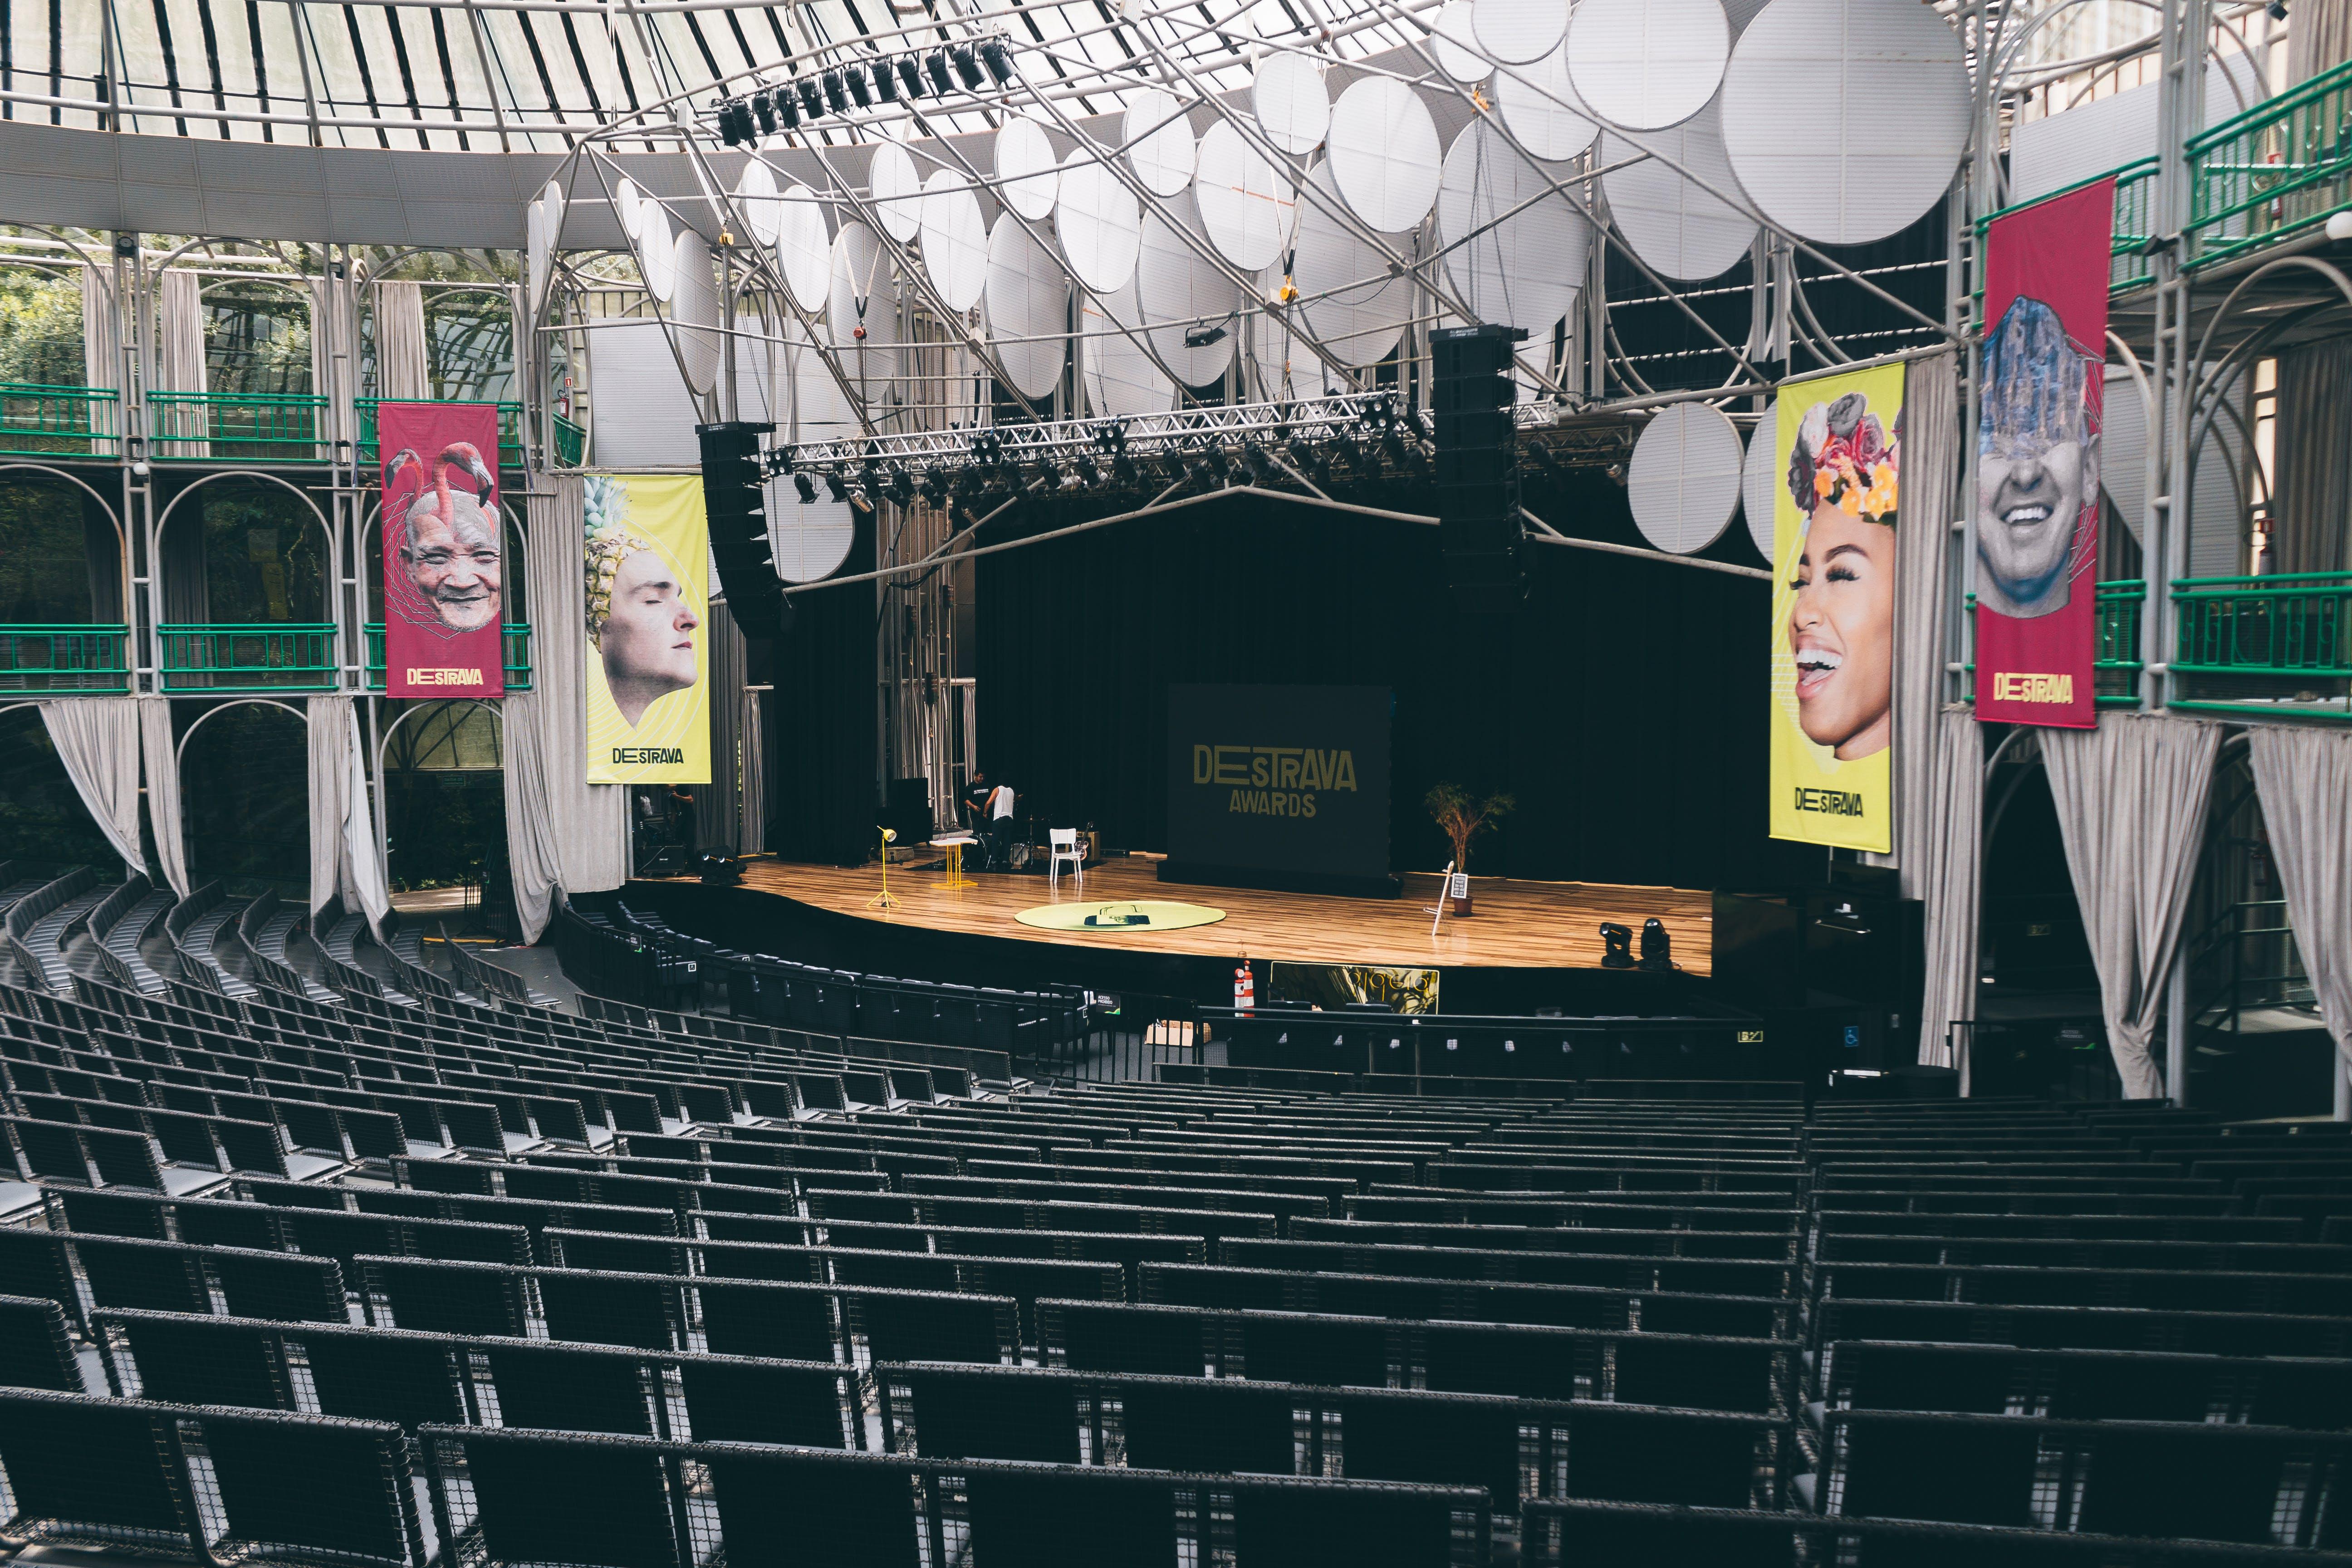 いす, ステージ, 会場, 座席の無料の写真素材